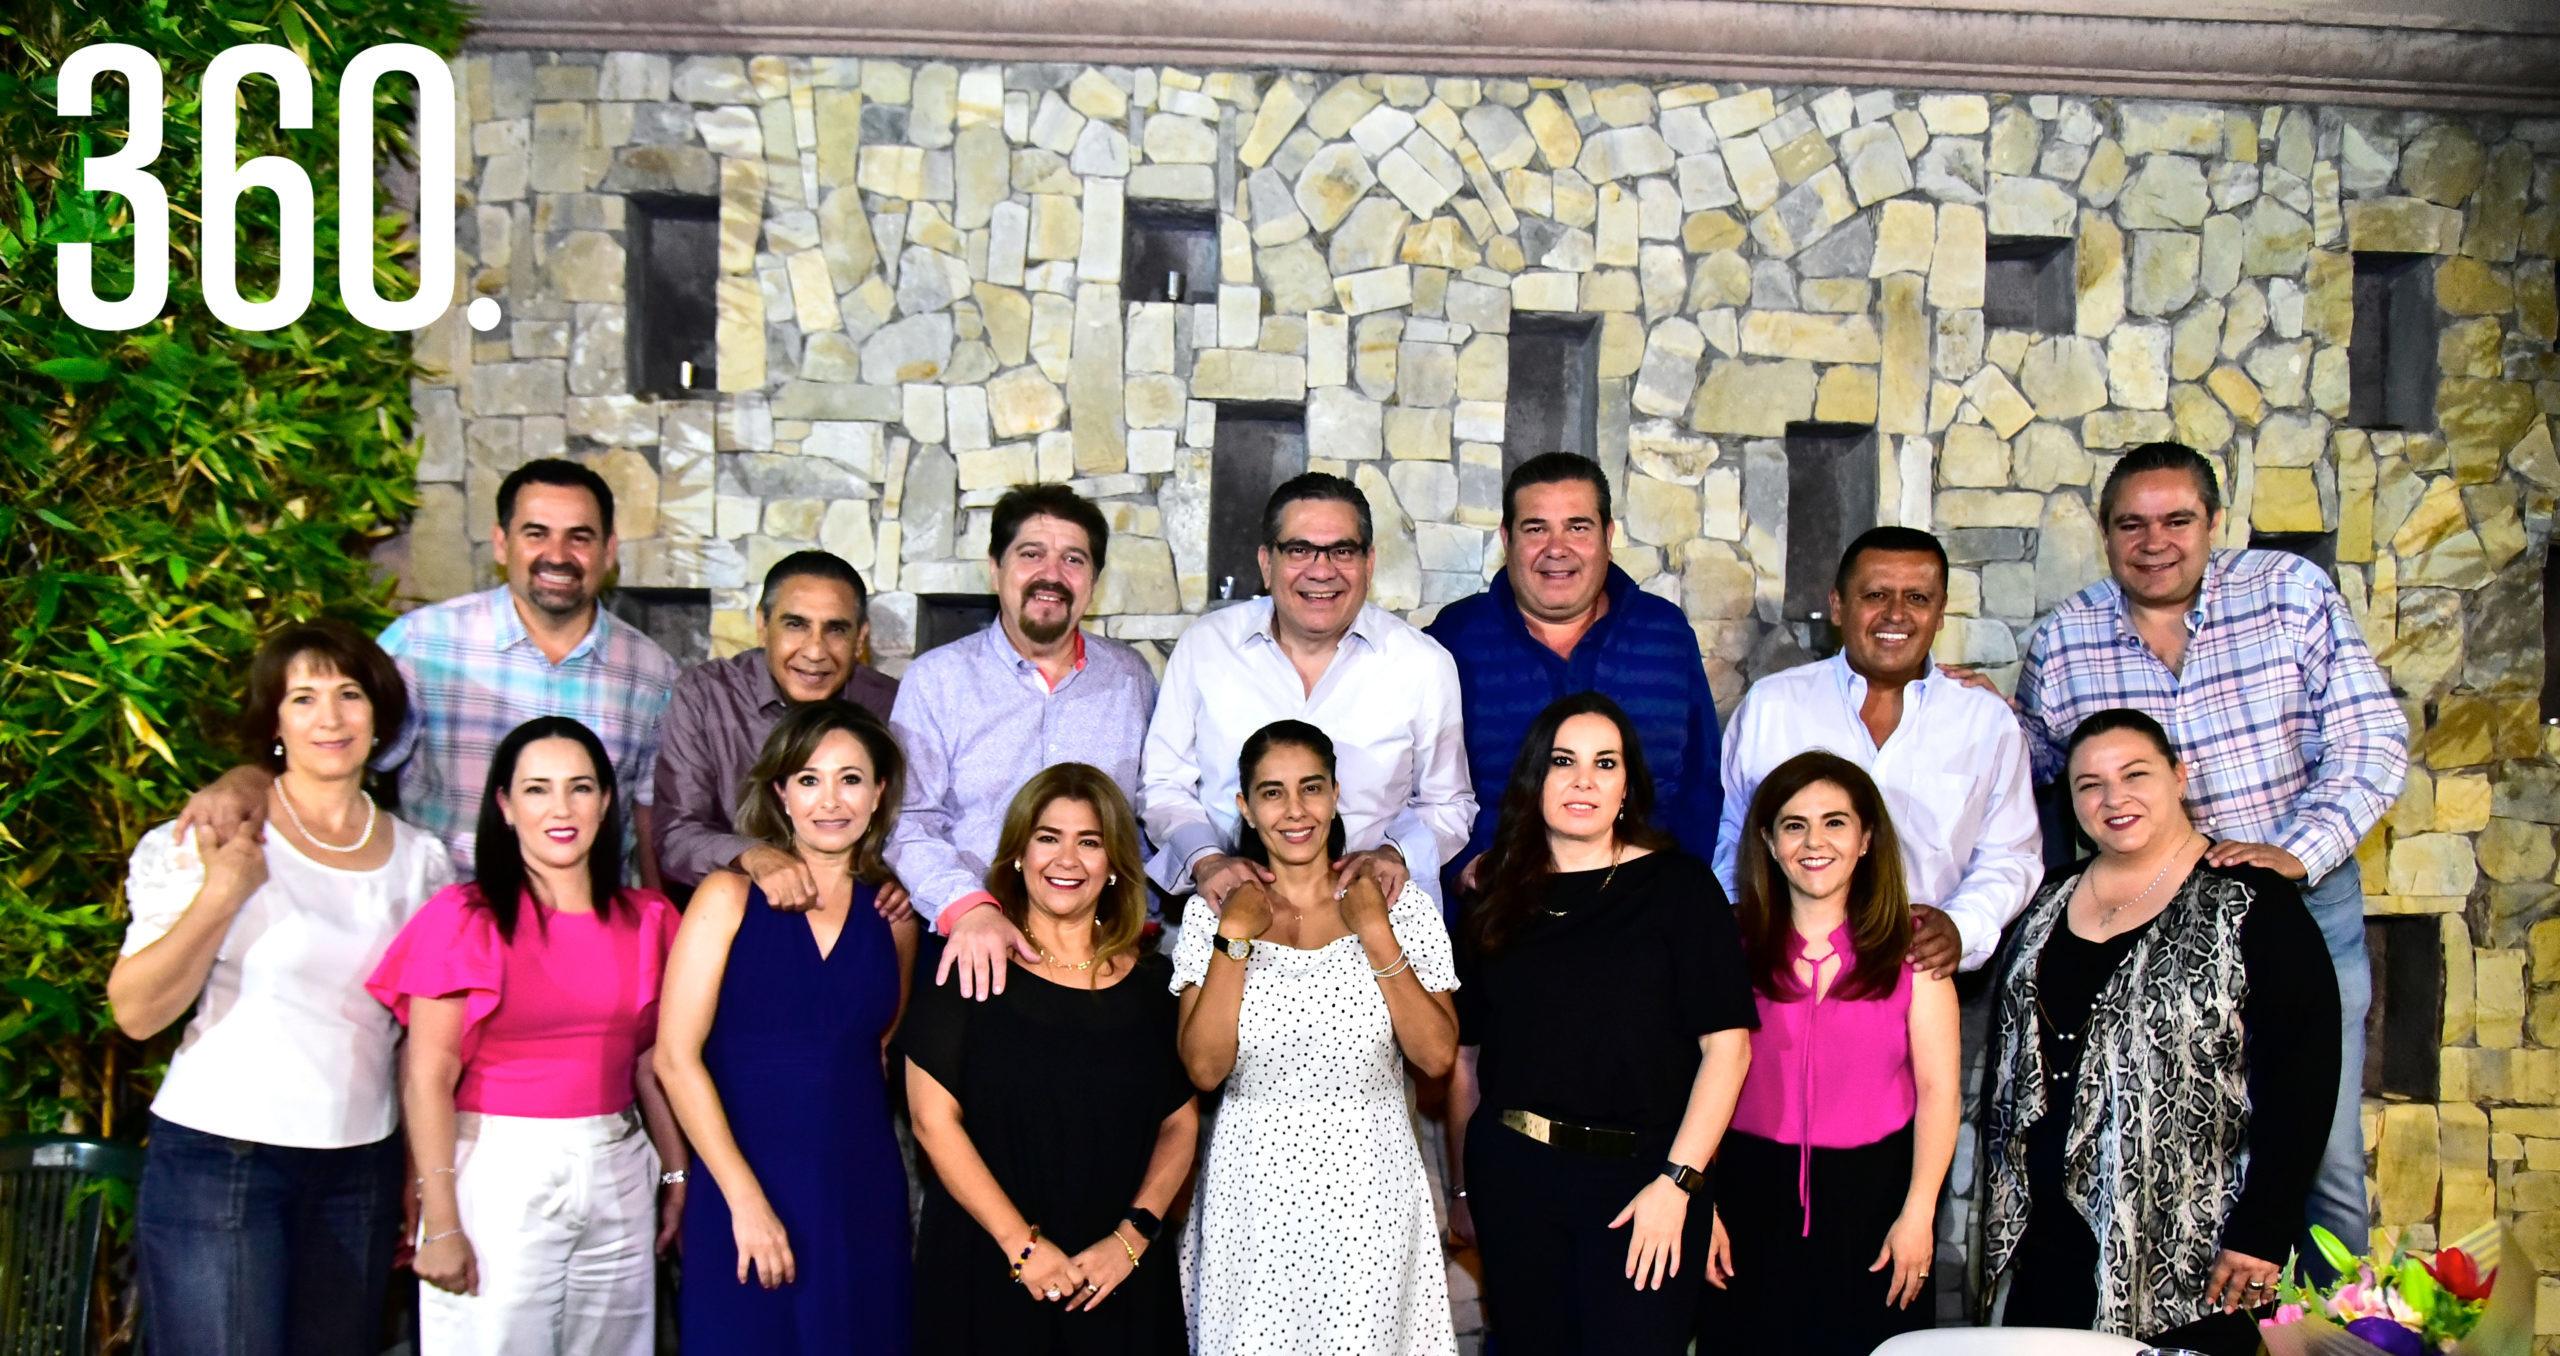 Los felices novios, Erika Cadeñanes y Arnulfo Favila, acompañados por sus amigos.